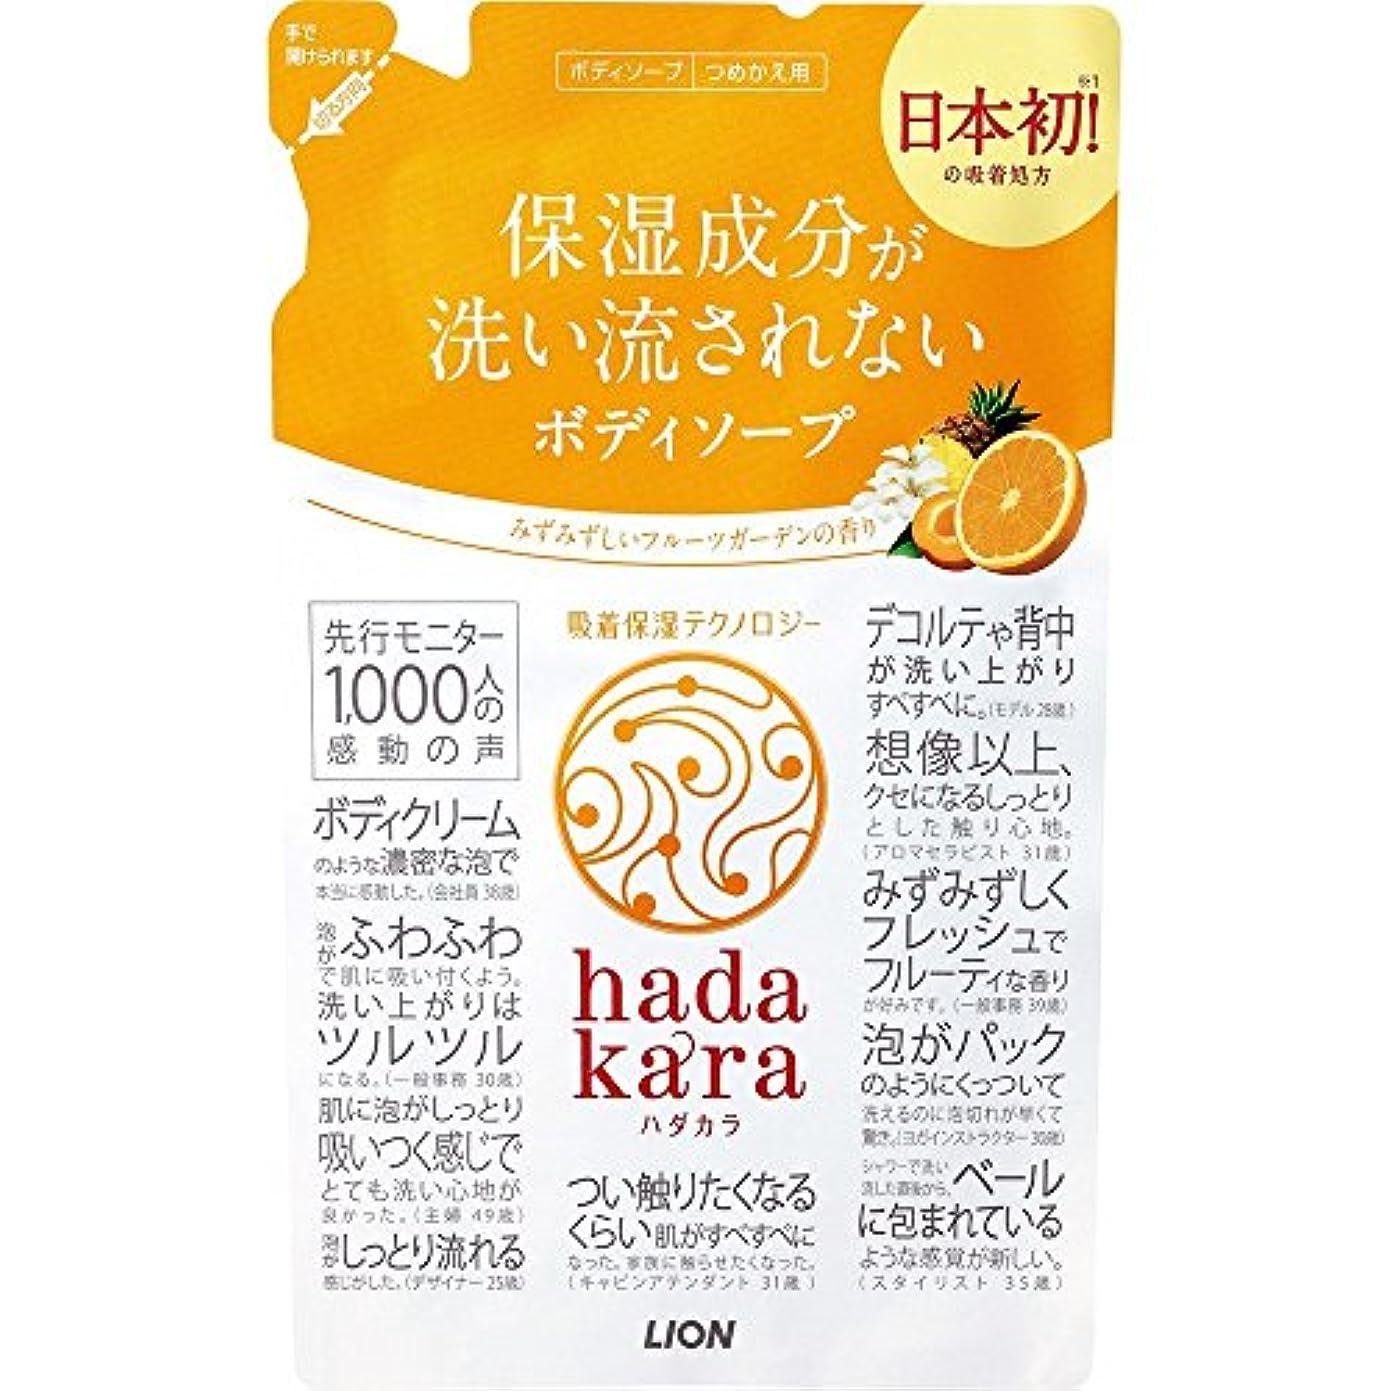 小間配る聞くhadakara(ハダカラ) ボディソープ フルーツガーデンの香り 詰め替え 360ml